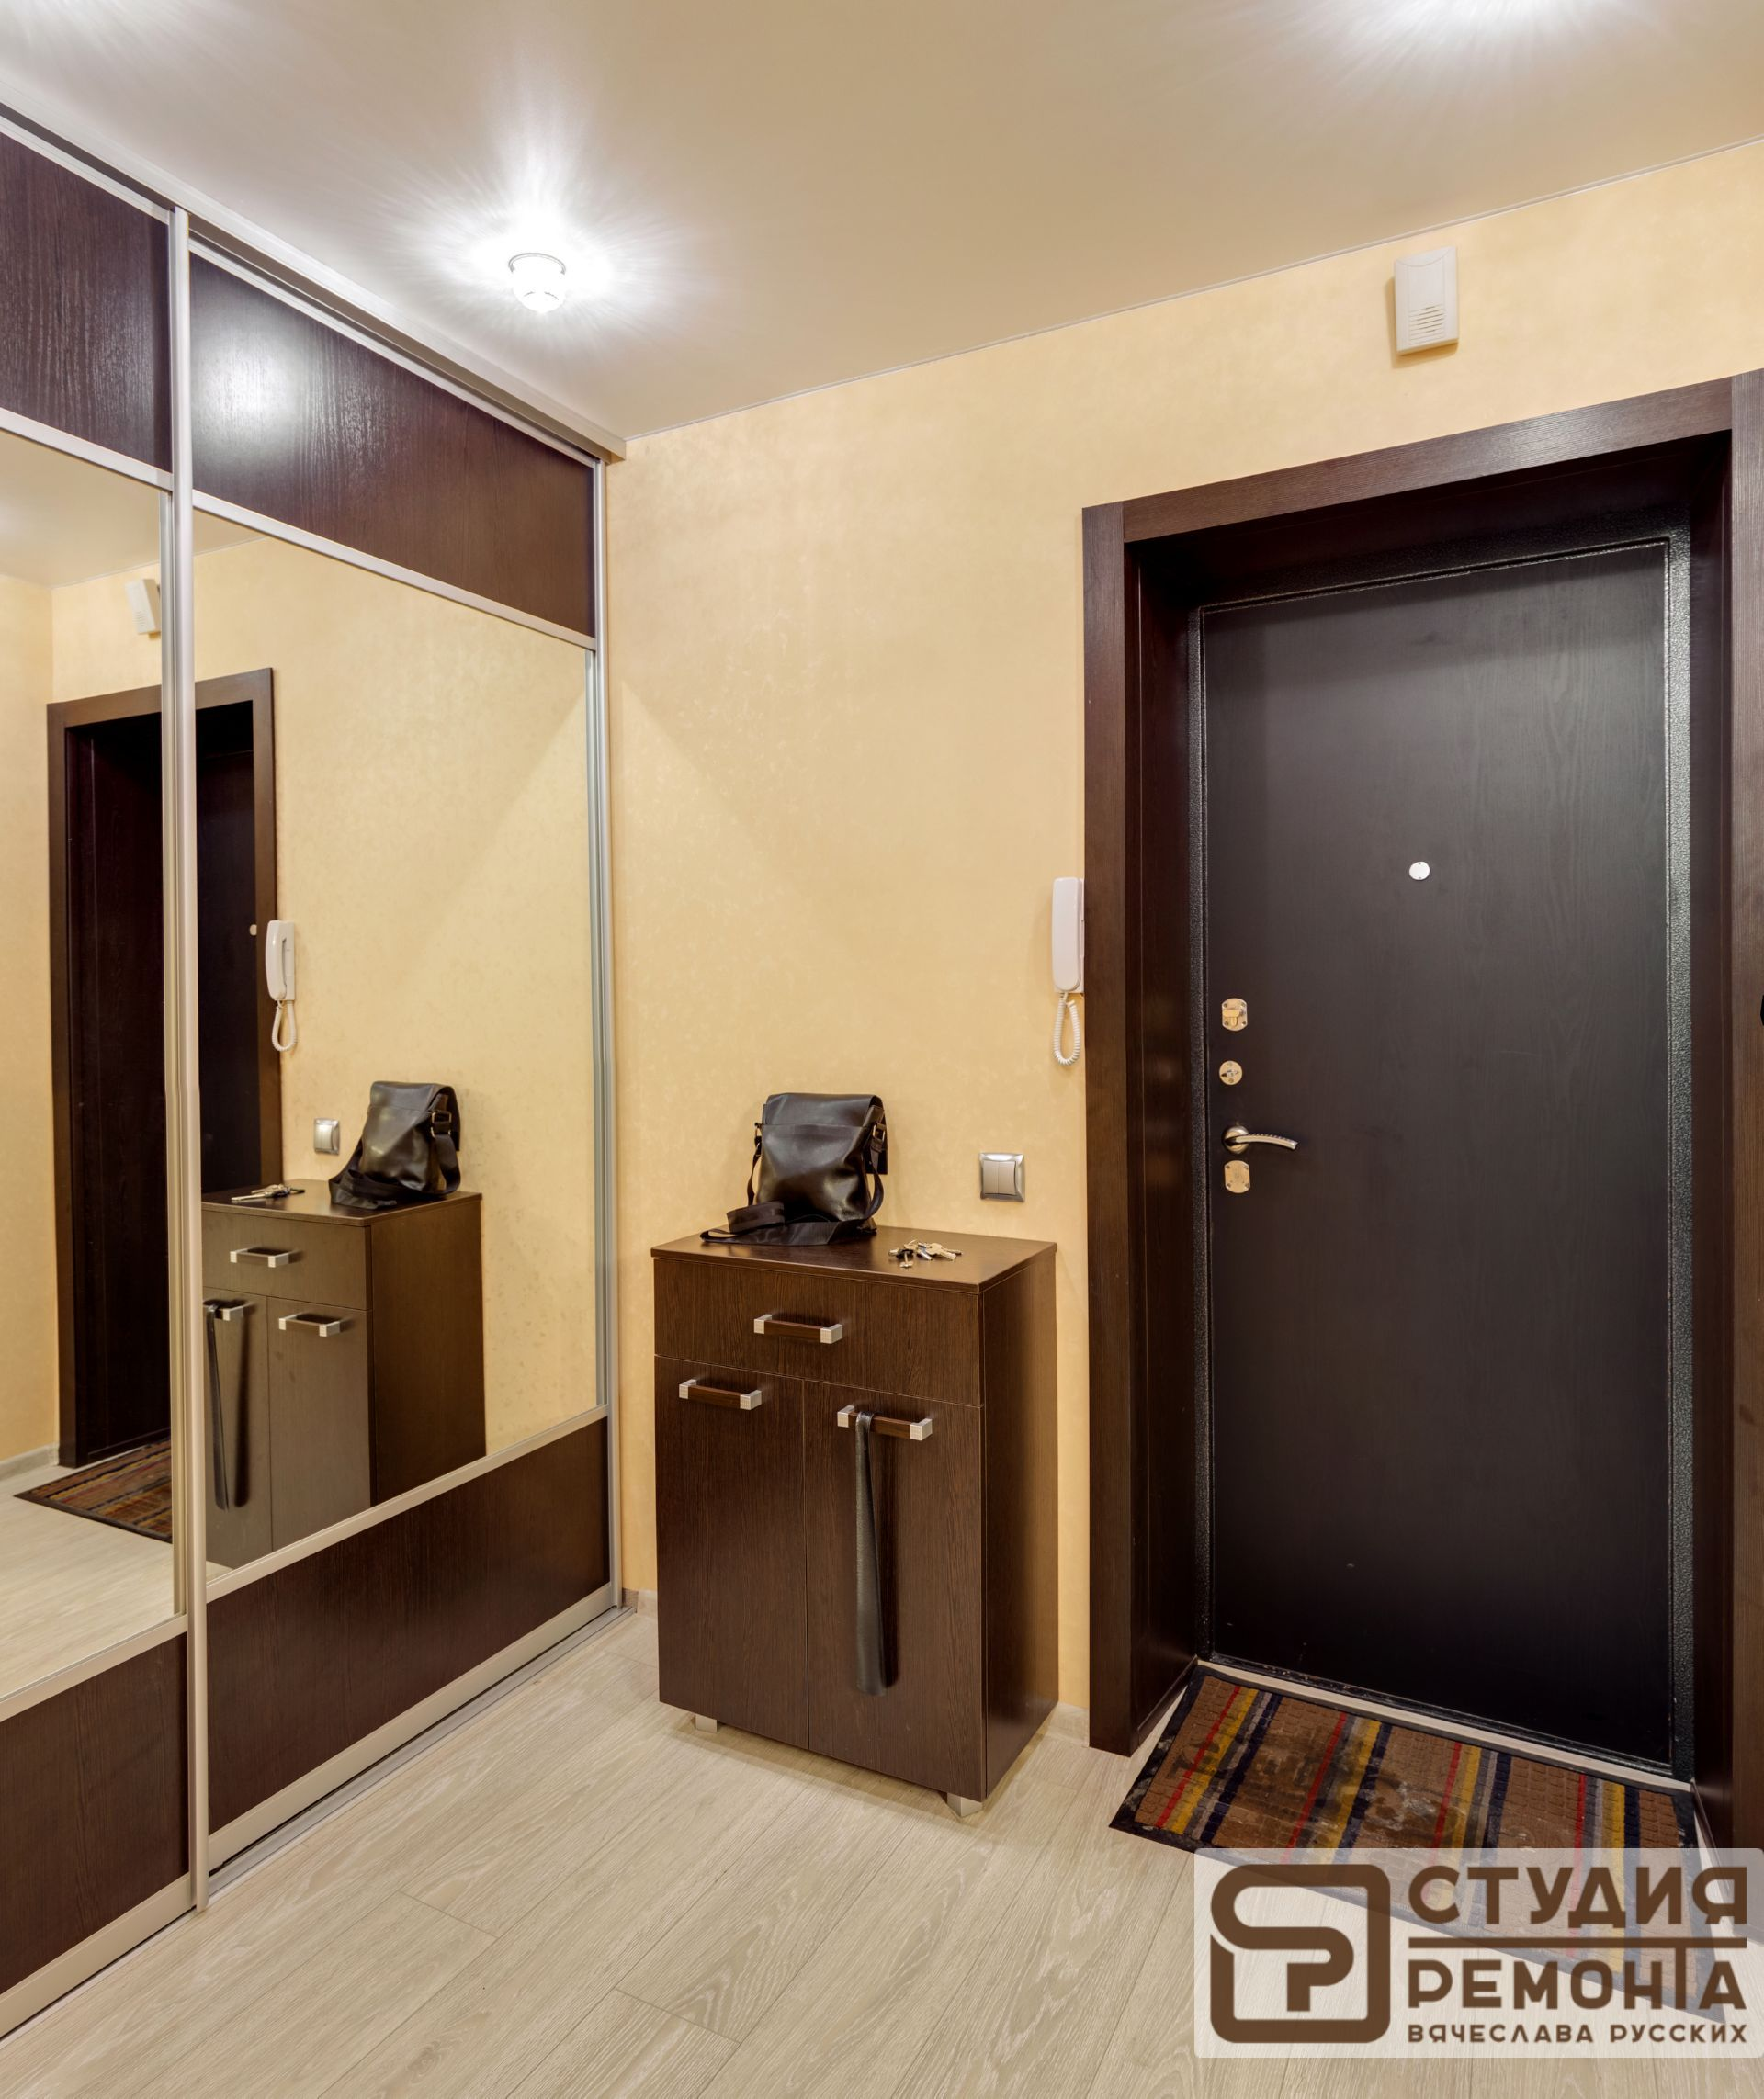 Ремонт комнат в Ижевске, ул. Орджоникидзе